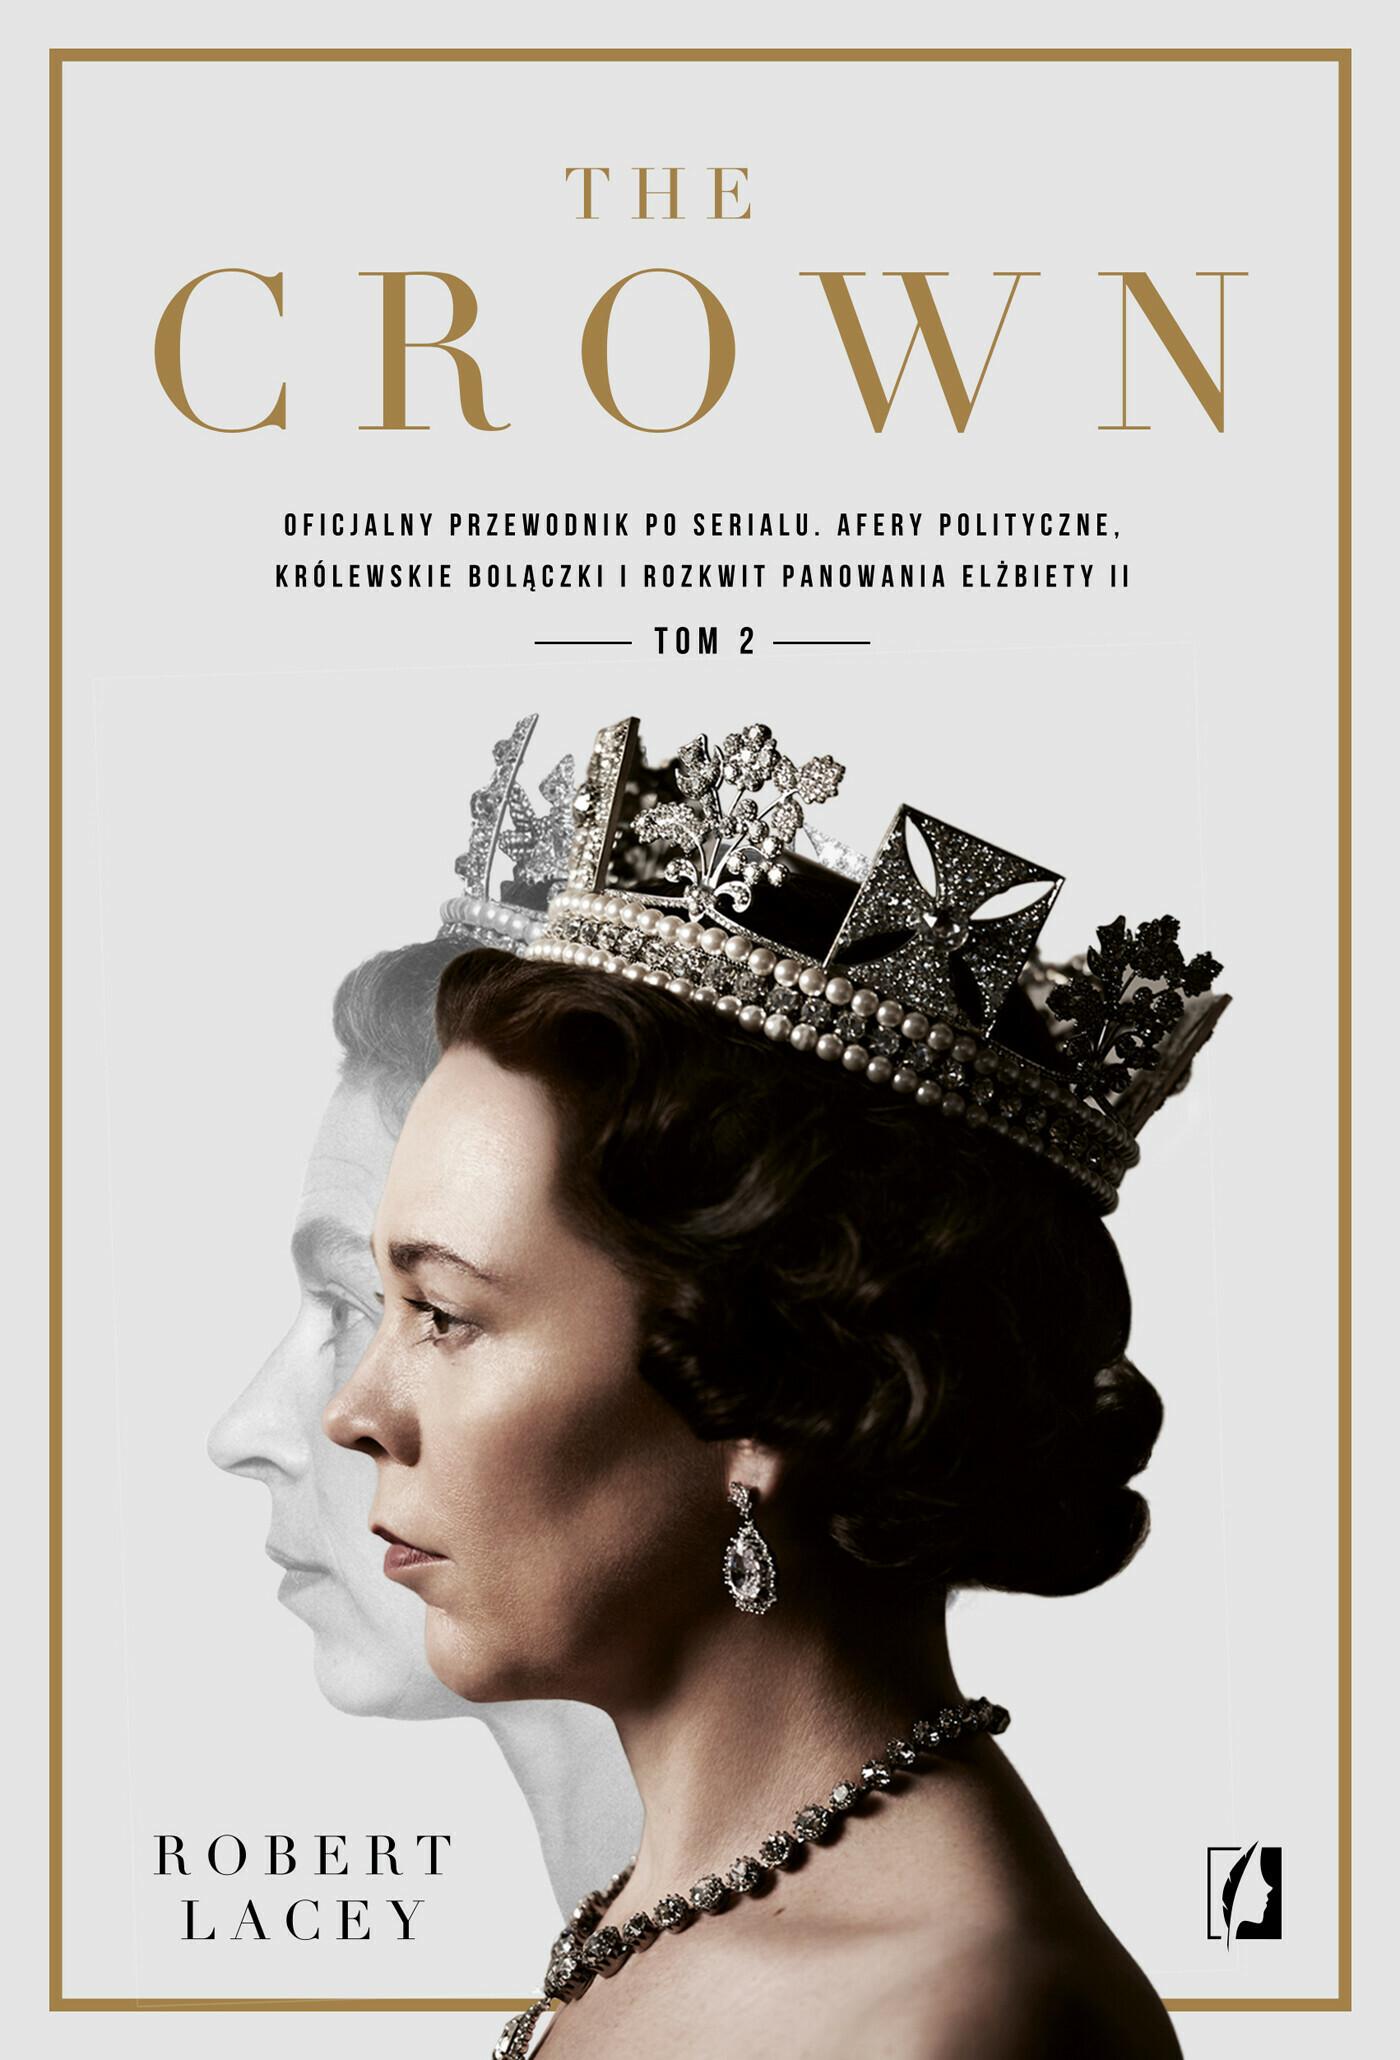 The Crown. Oficjalny przewodnik po serialu. Afery polityczne, królewskie bolączki i rozkwit panowania Elżbiety II. Tom 2